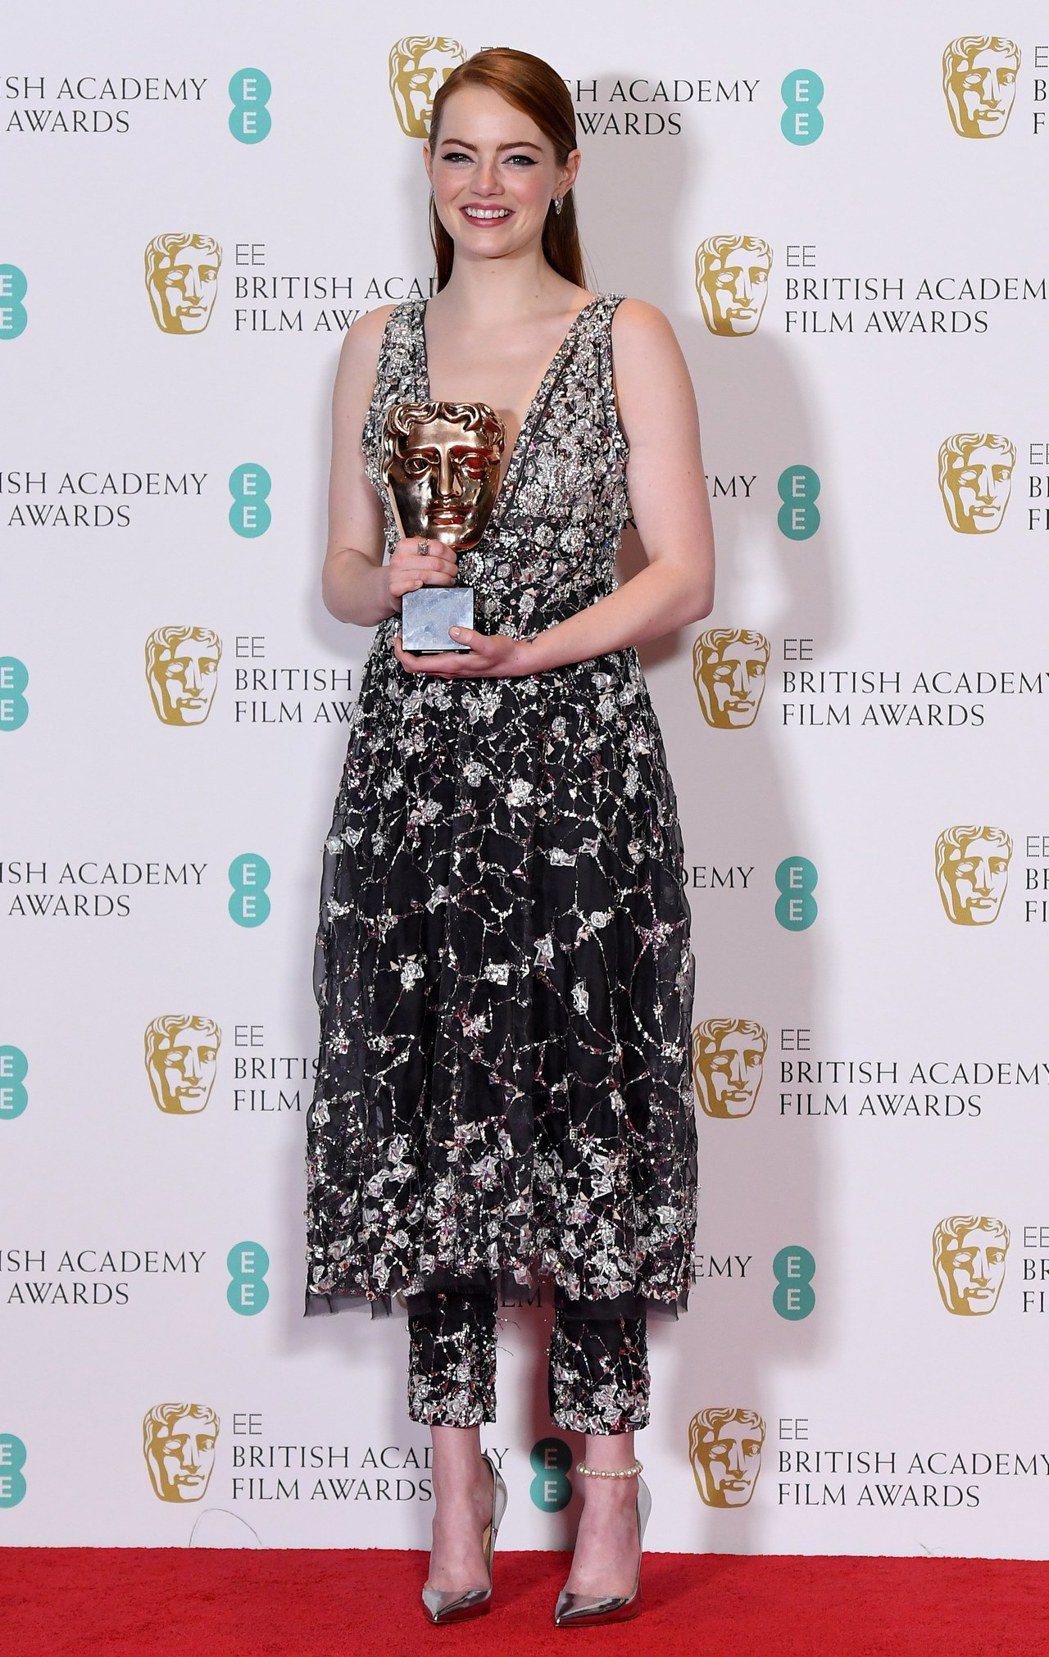 艾瑪史東得英國奧斯卡獎最佳女主角獎時,配戴的仍是幸運物Tiffany。(歐新社)